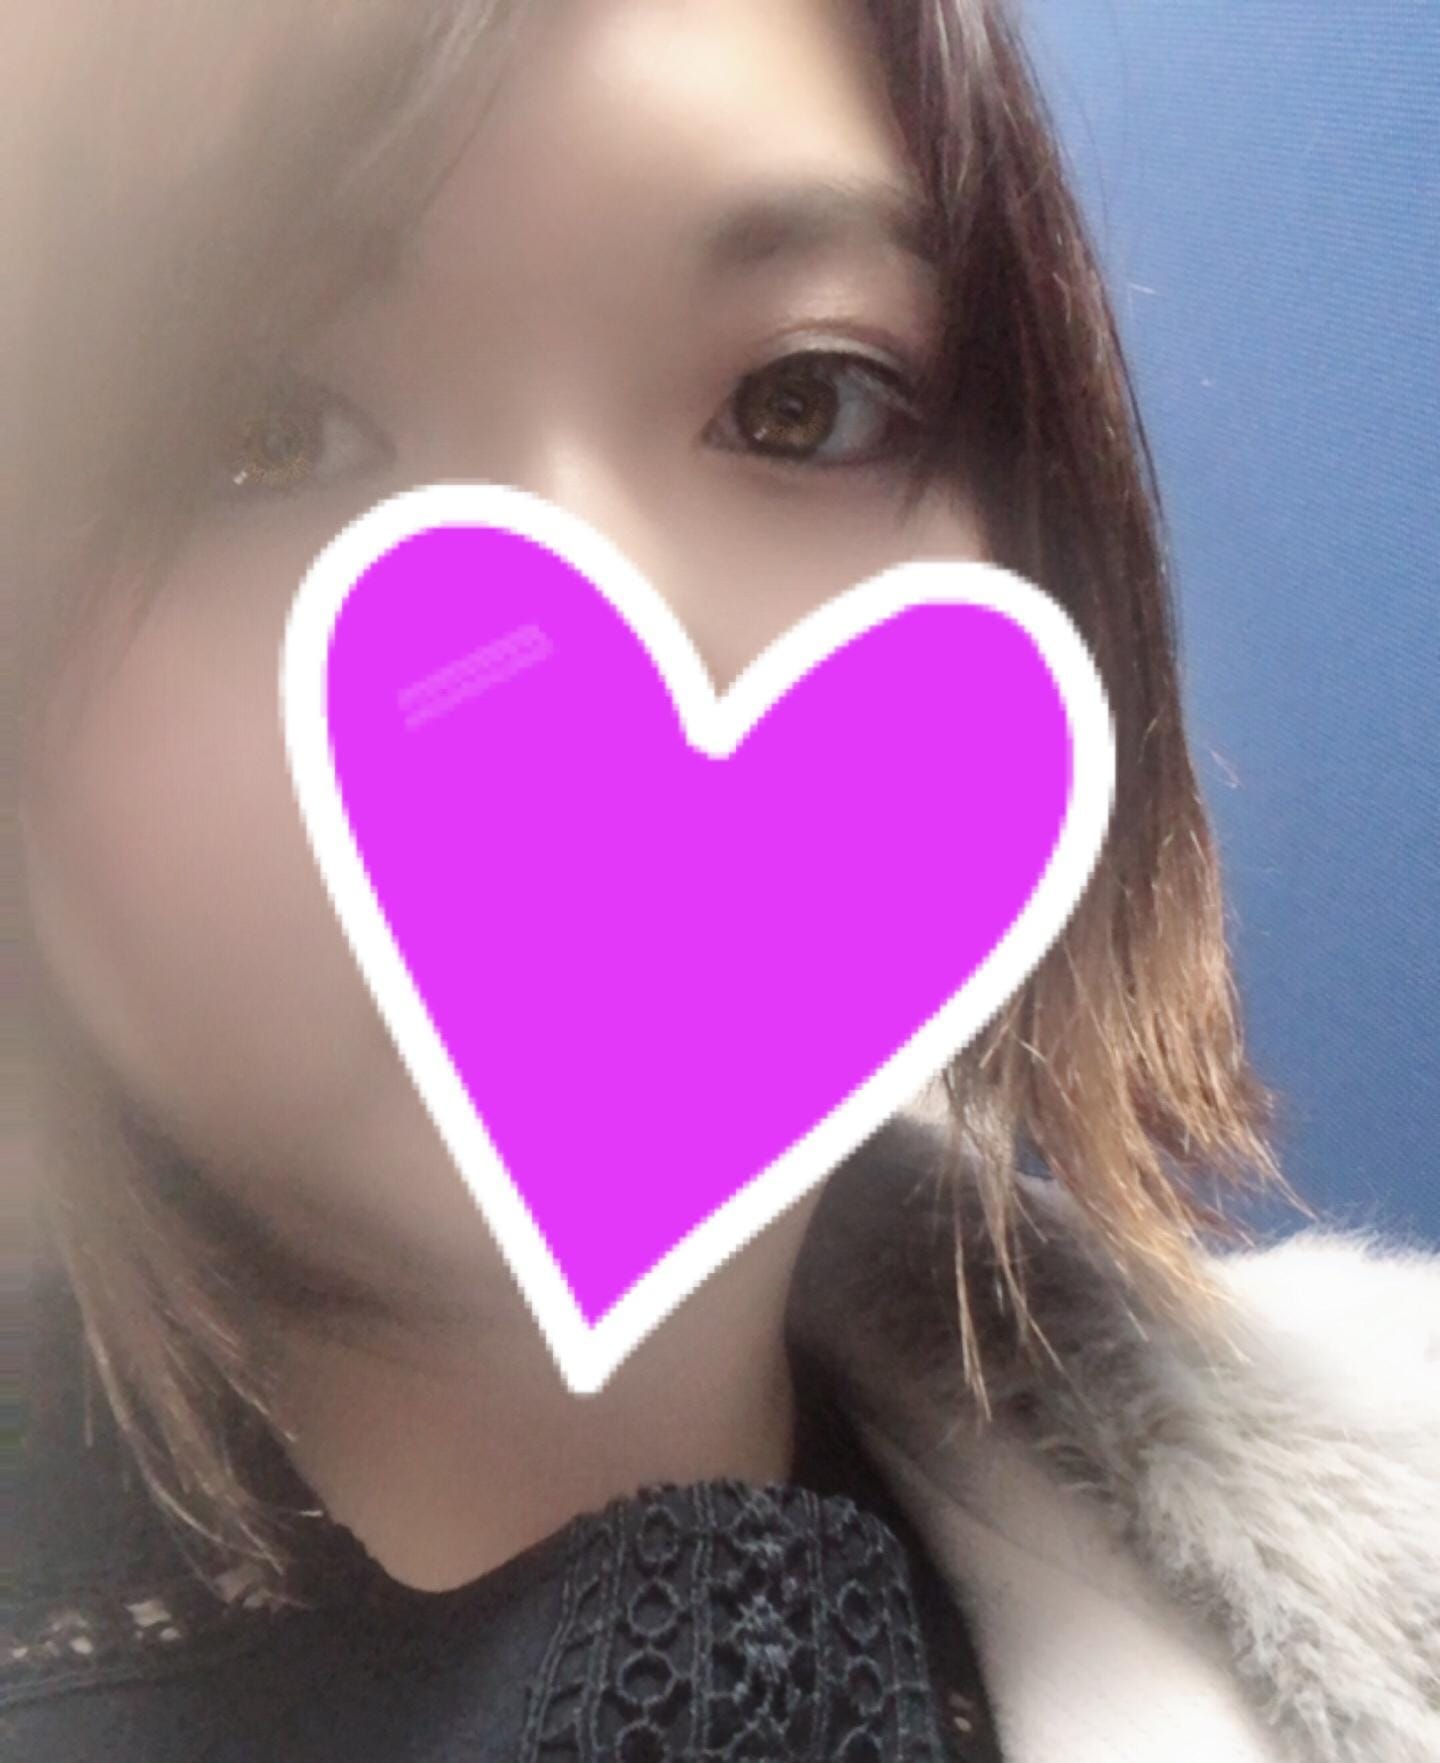 「そういえば」11/30(11/30) 19:10   じゅんの写メ・風俗動画